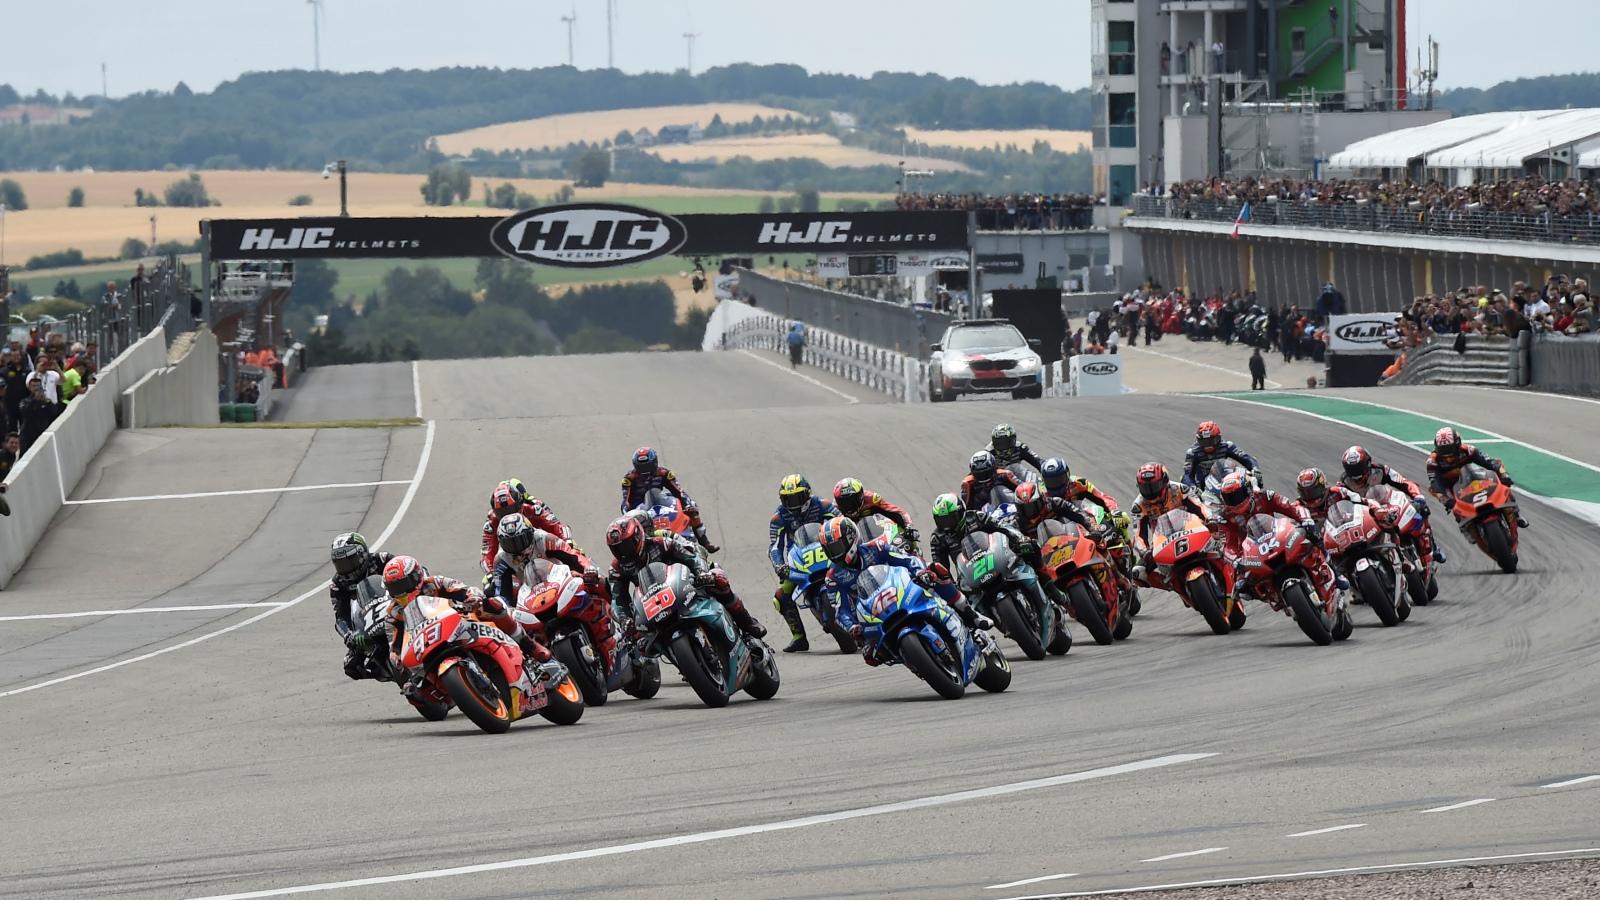 Píldoras MotoGP Alemania 2019: Fuente celeste, la chapa, dos frenadas y un chispazo